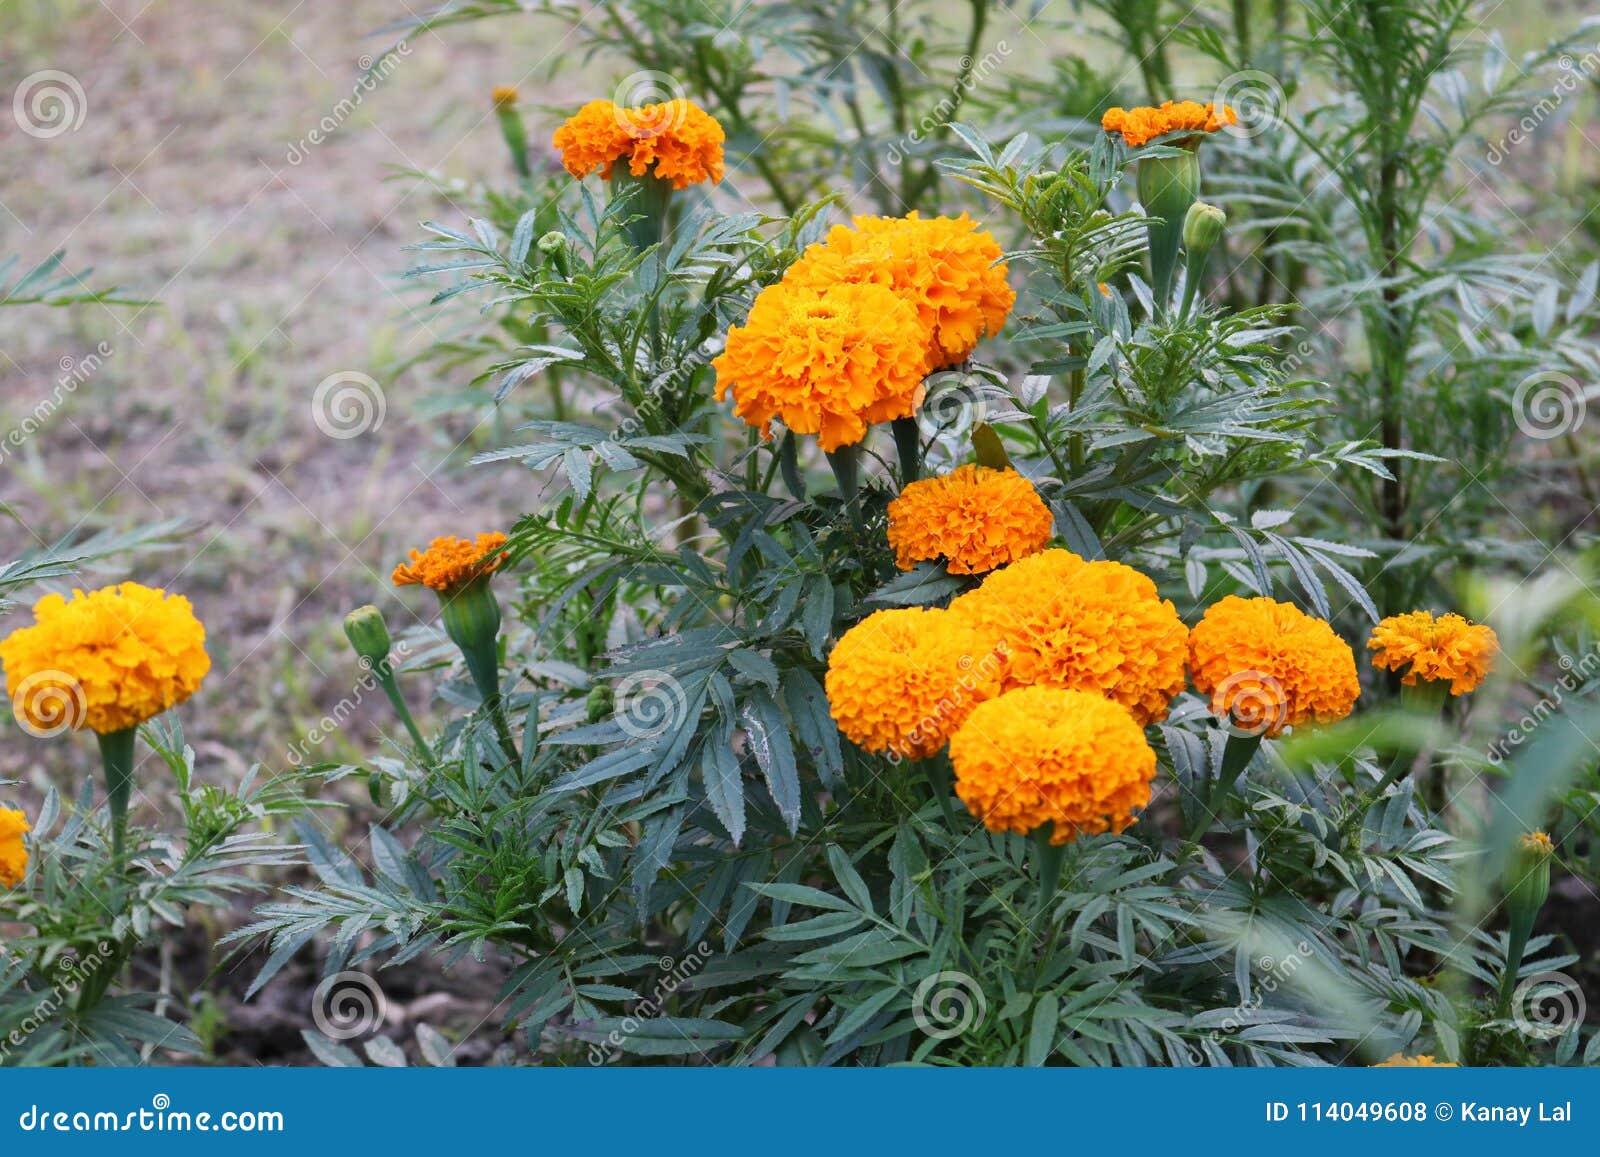 Του Μπαγκλαντές όμορφα κίτρινα μεγάλα marigold λουλούδια στον κήπο